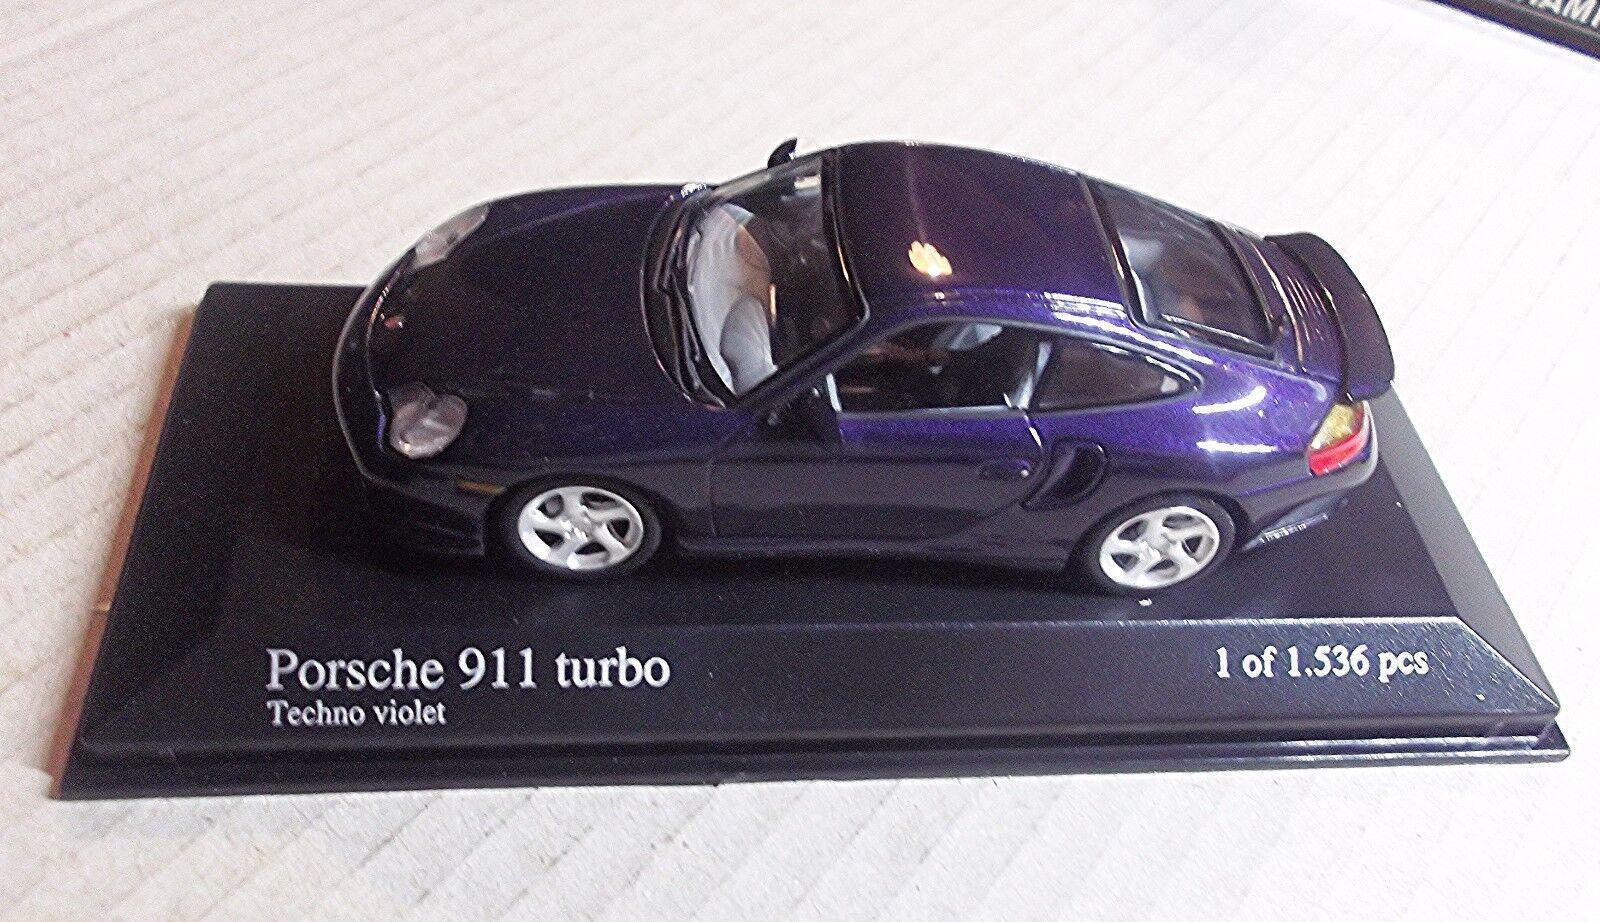 430069305 minichamps 1 43 skala - porsche 911 turbo 1999 - lila metallic